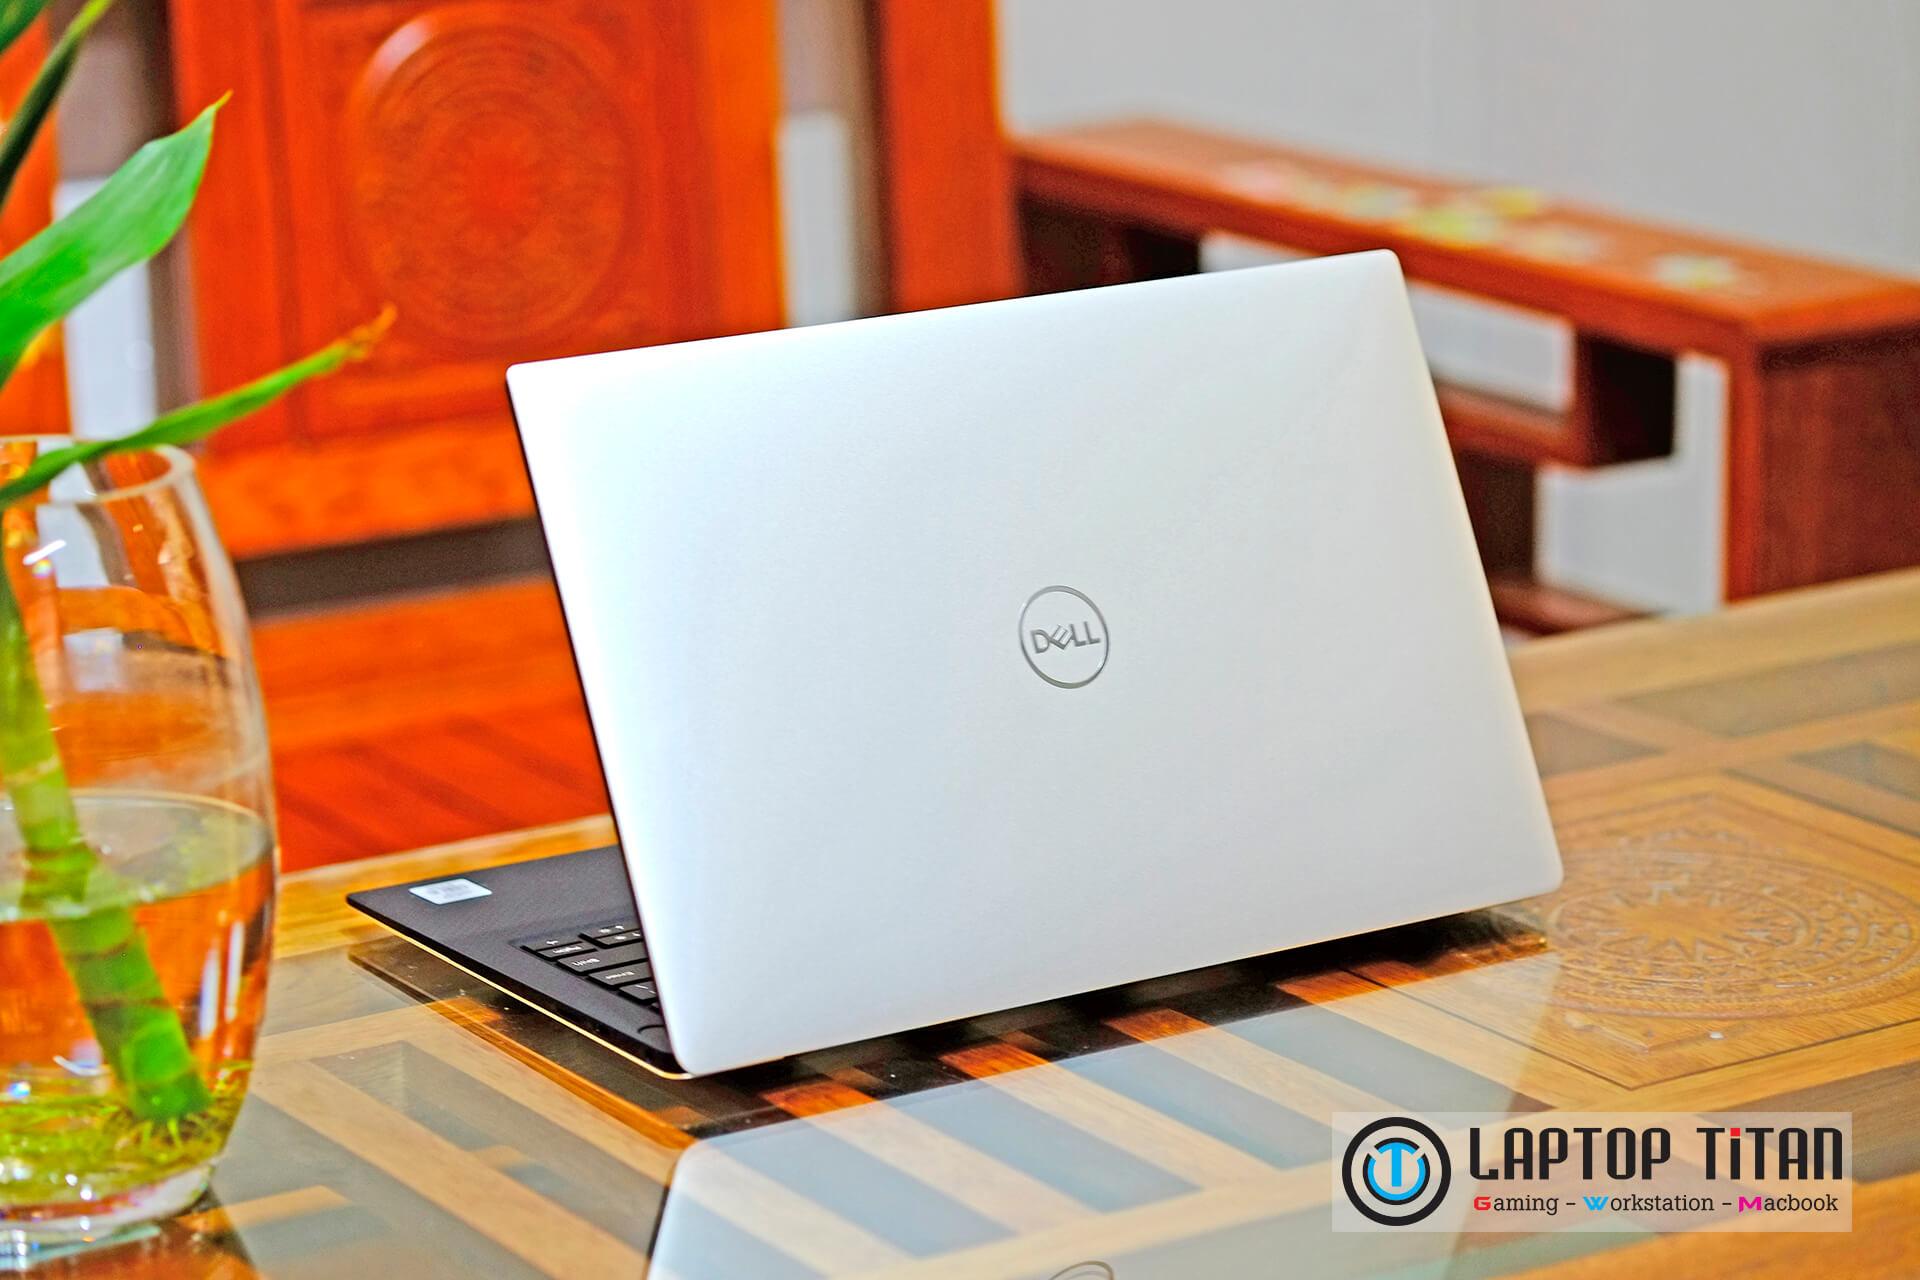 Dell Xps 13 7390 Laptoptitan 012